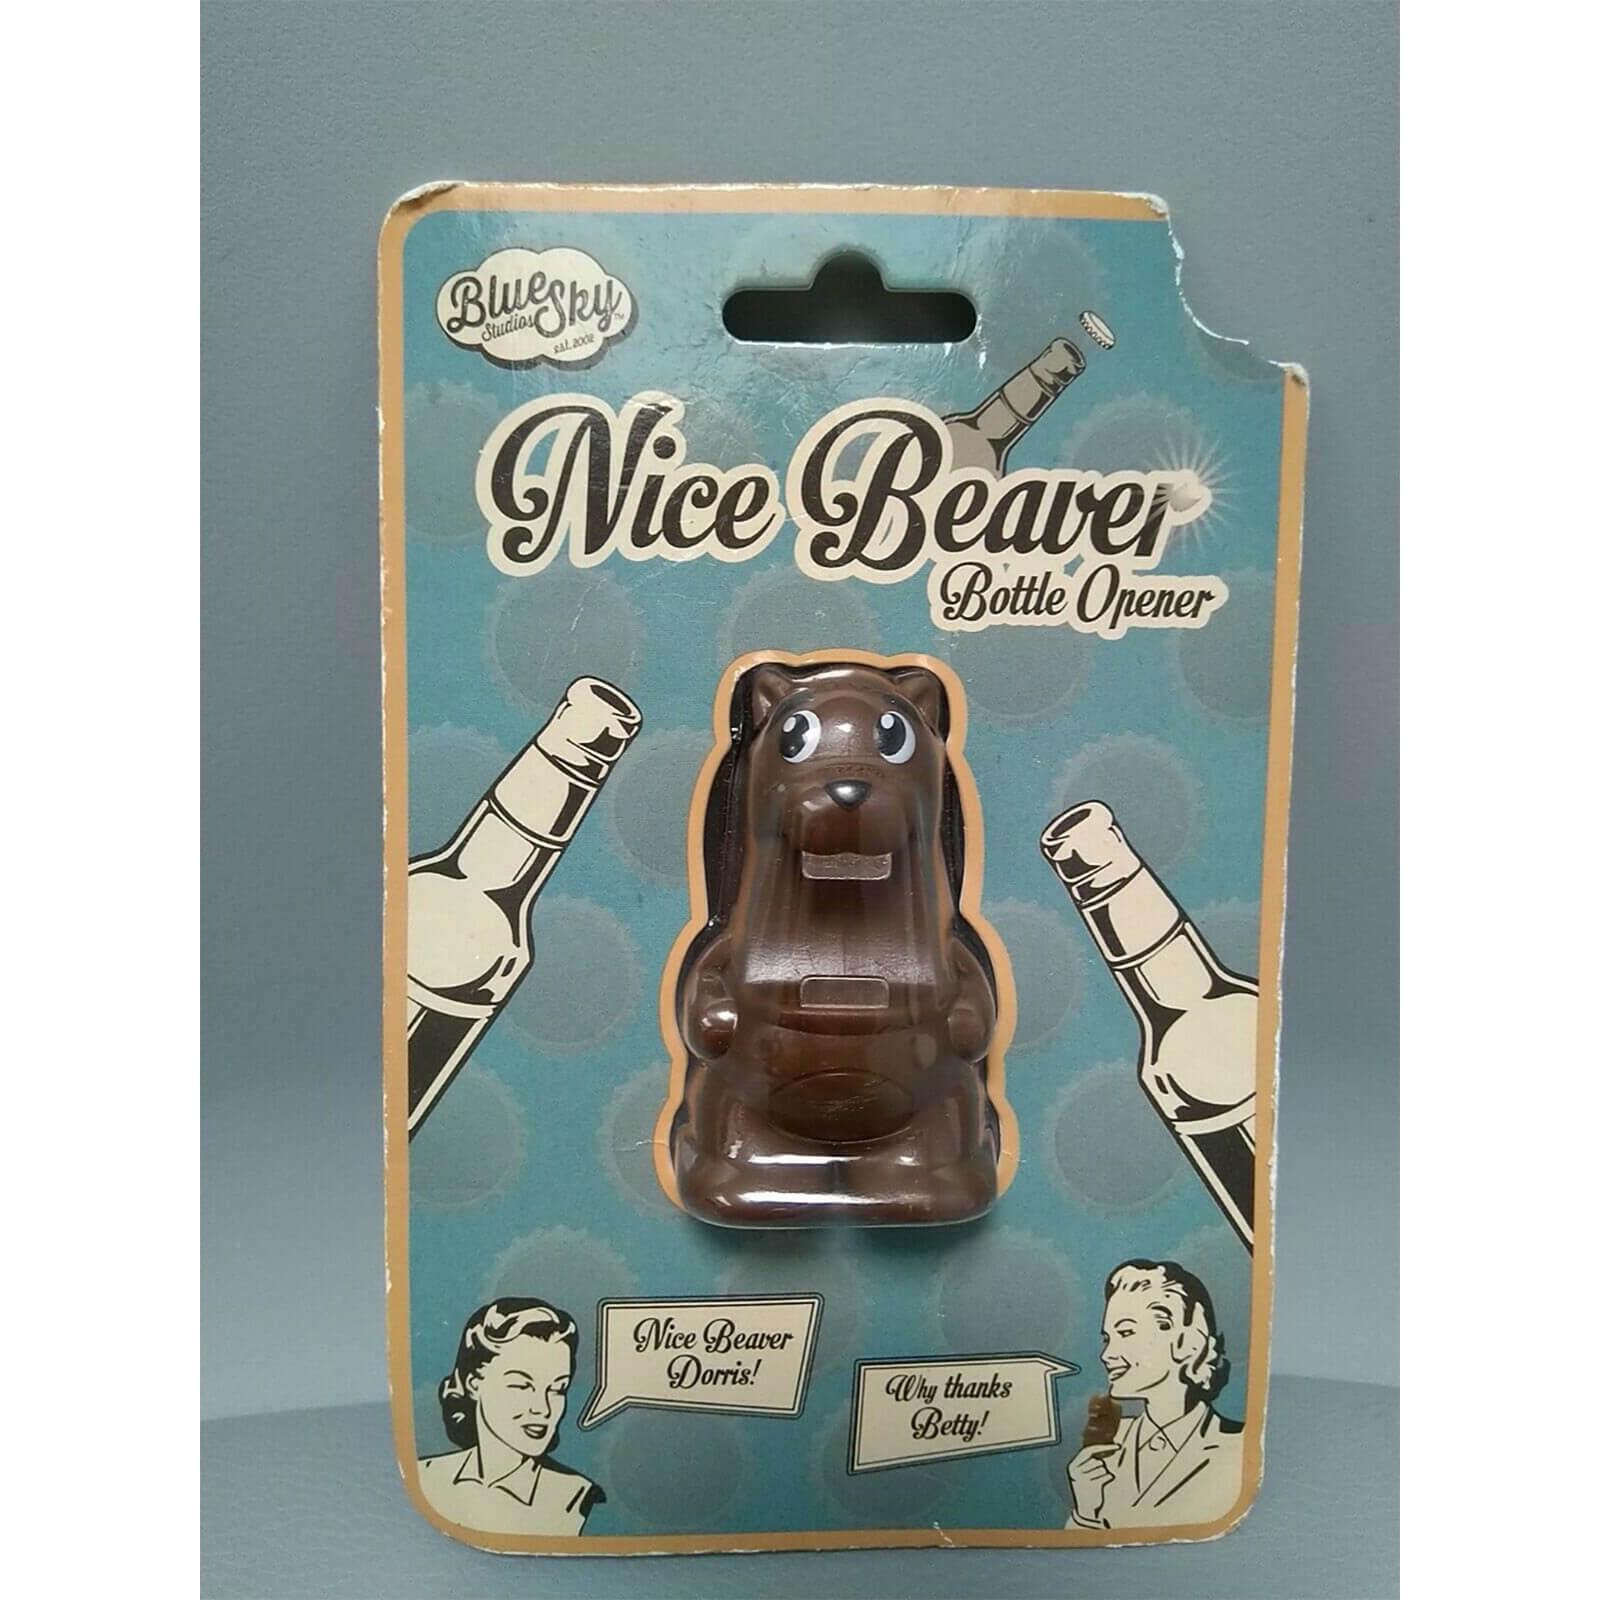 Image of Beaver Bottle Opener